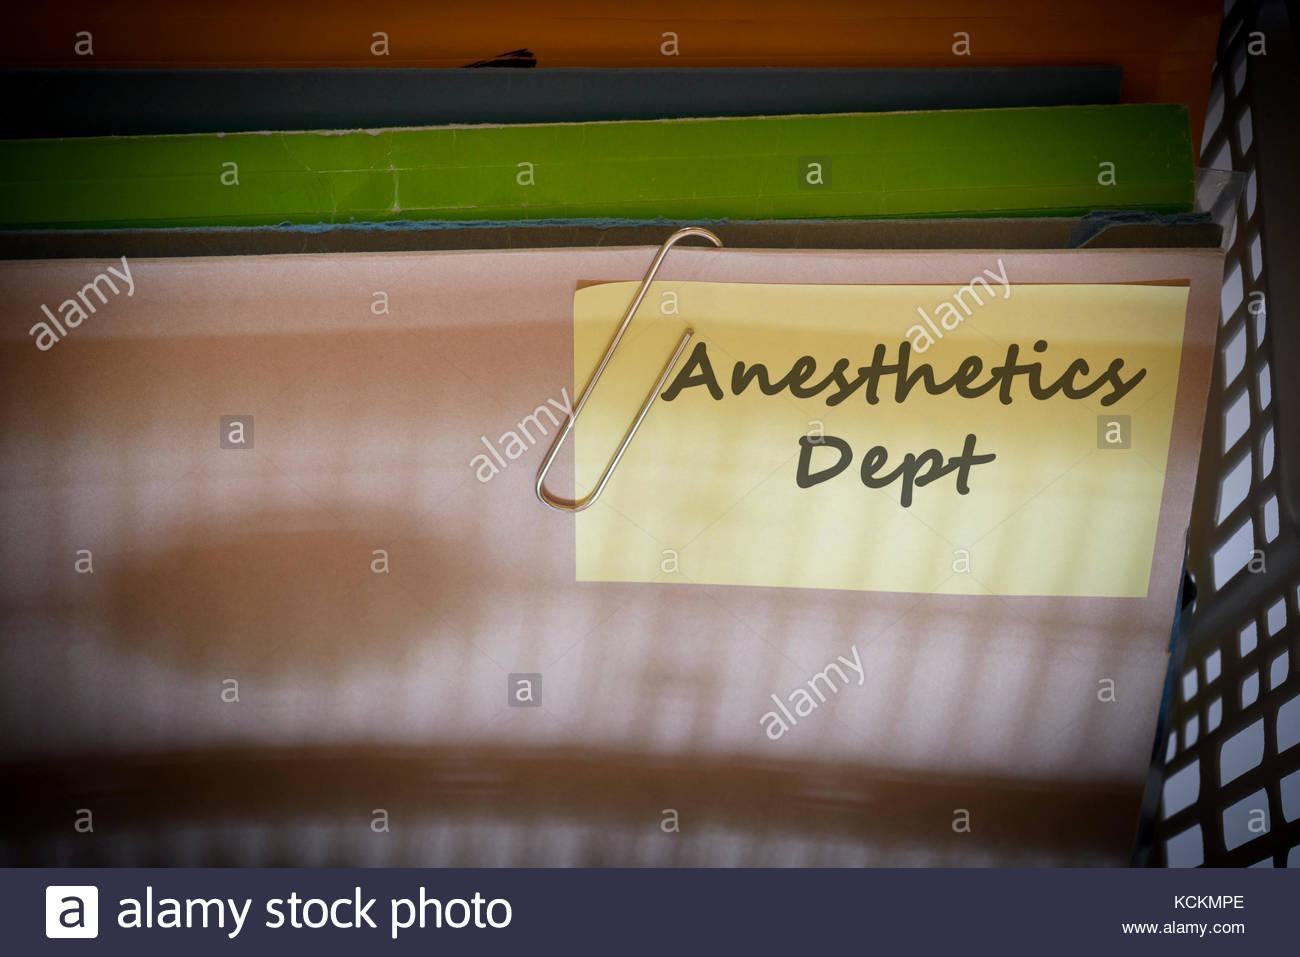 Anesthetics Dept written on document folder, Dorset, England. Stock Photo